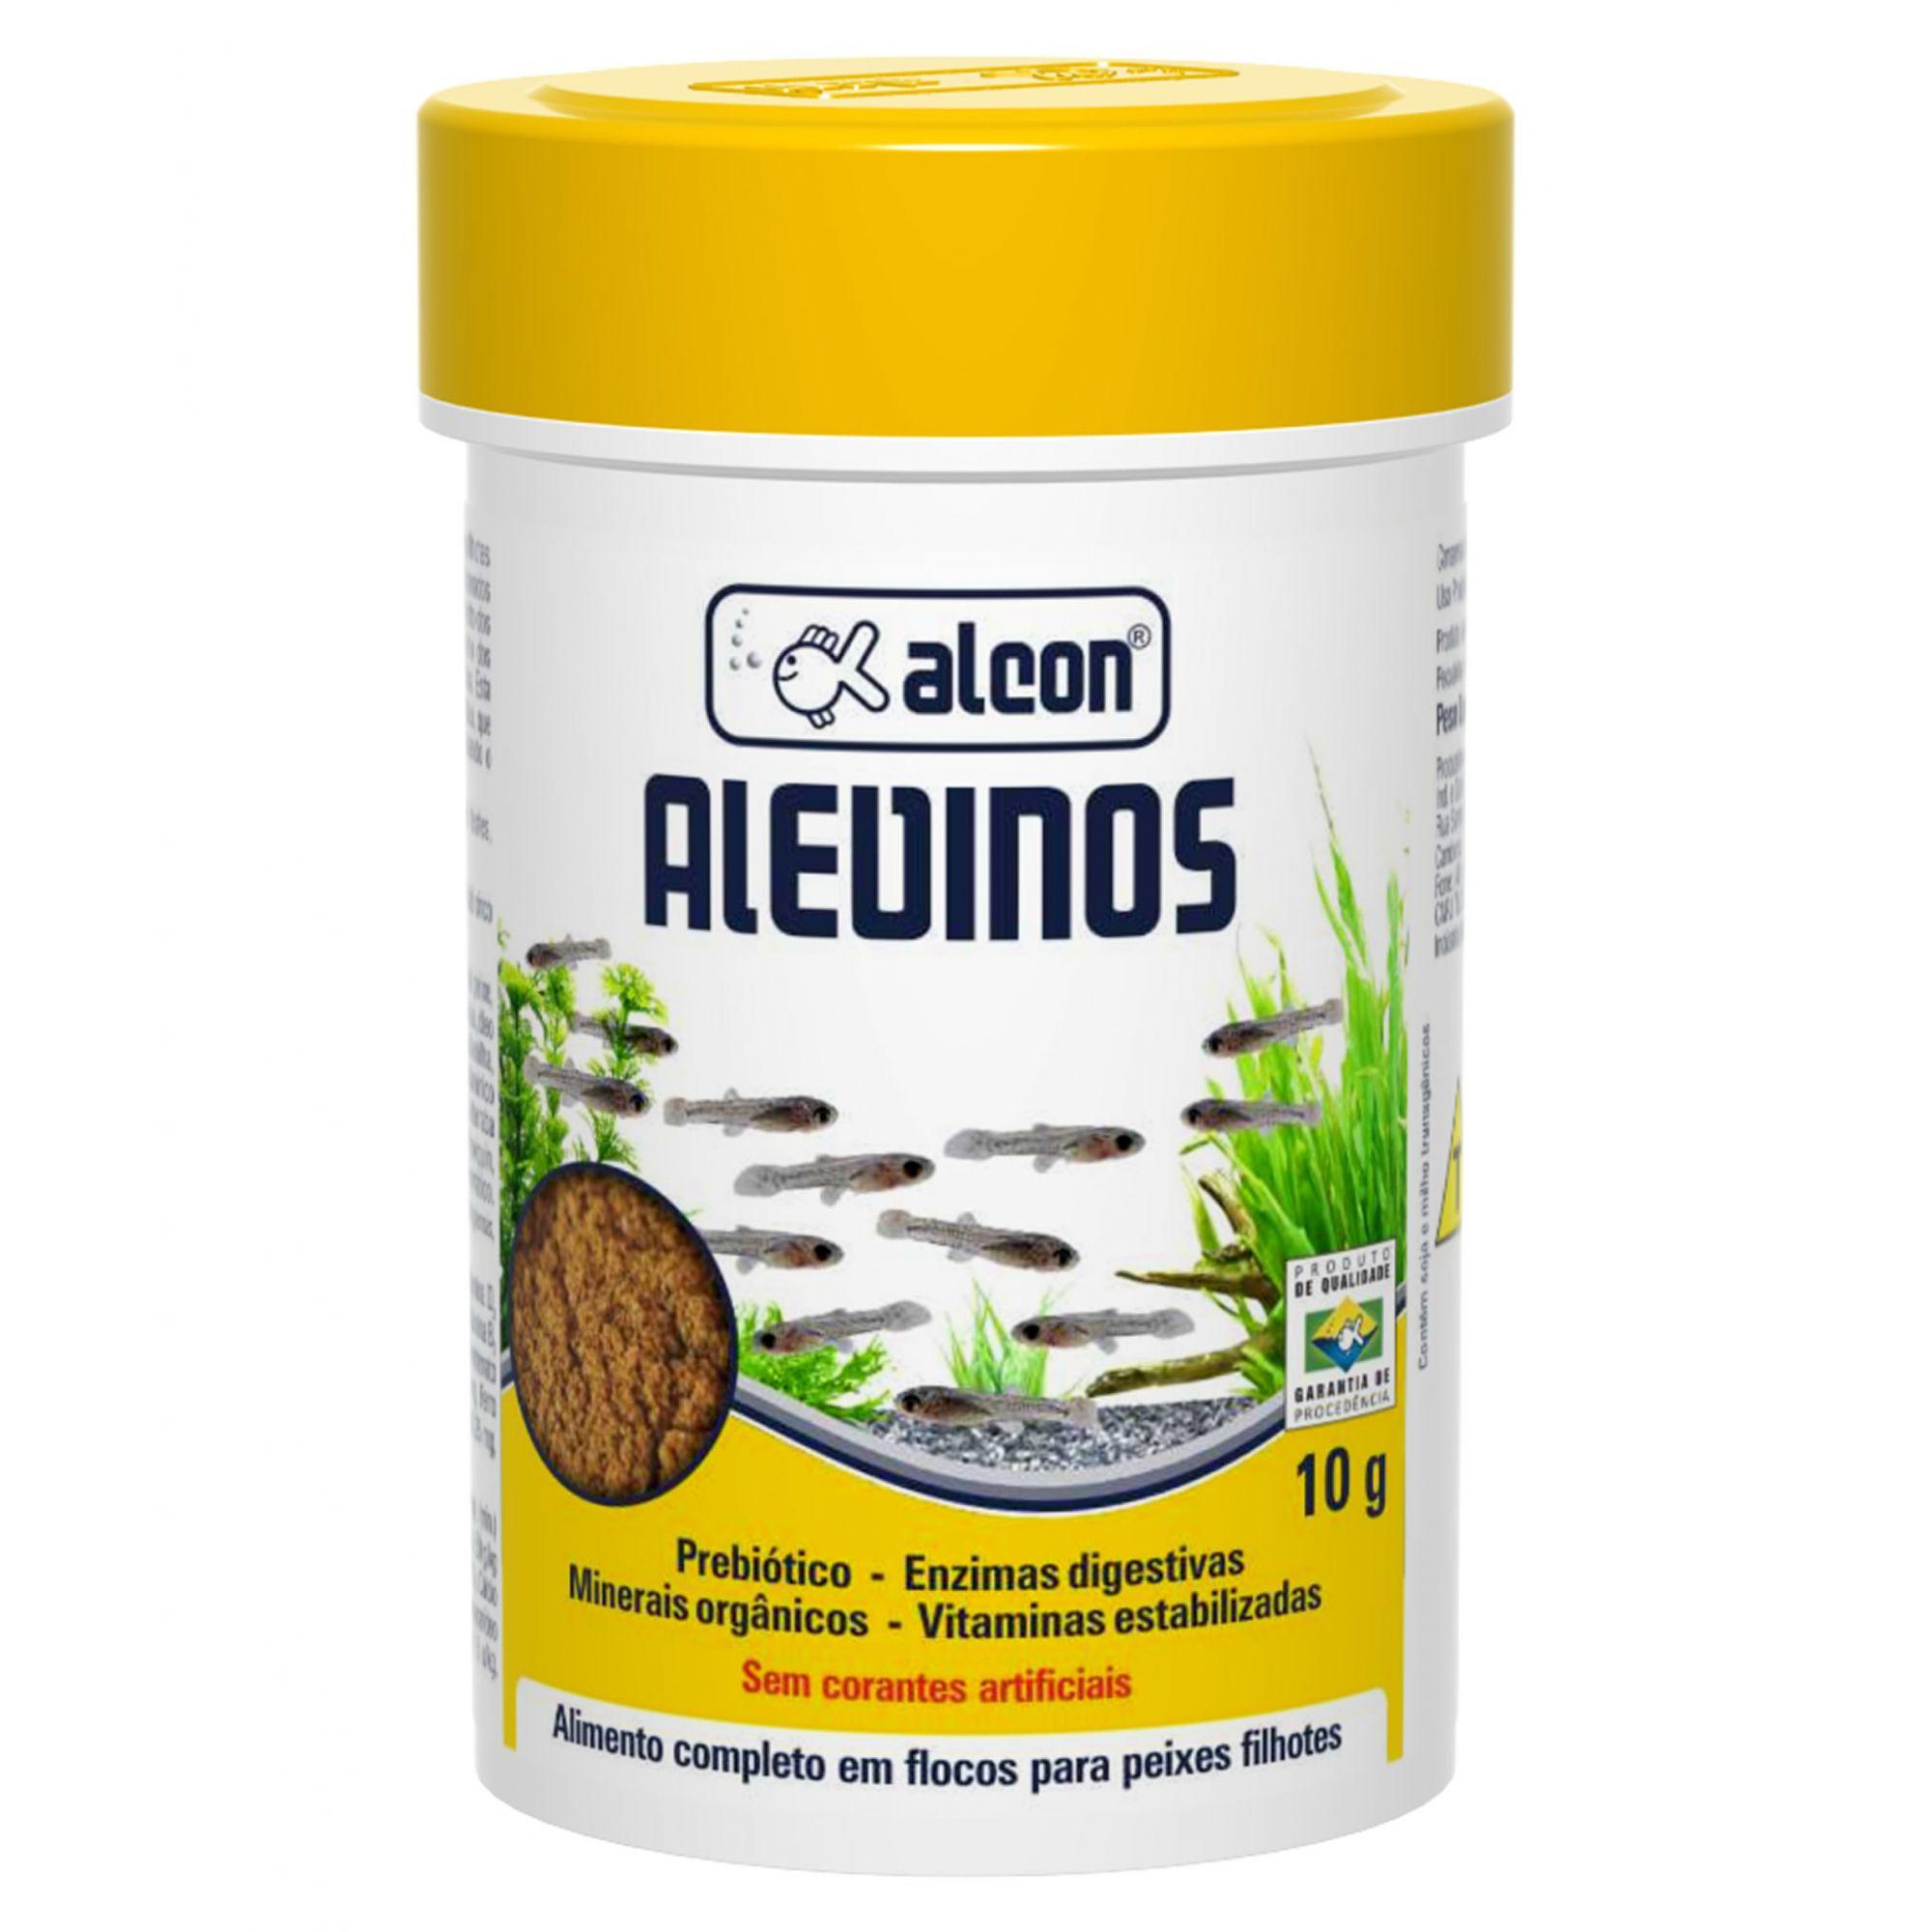 ALCON ALEVINOS 10g